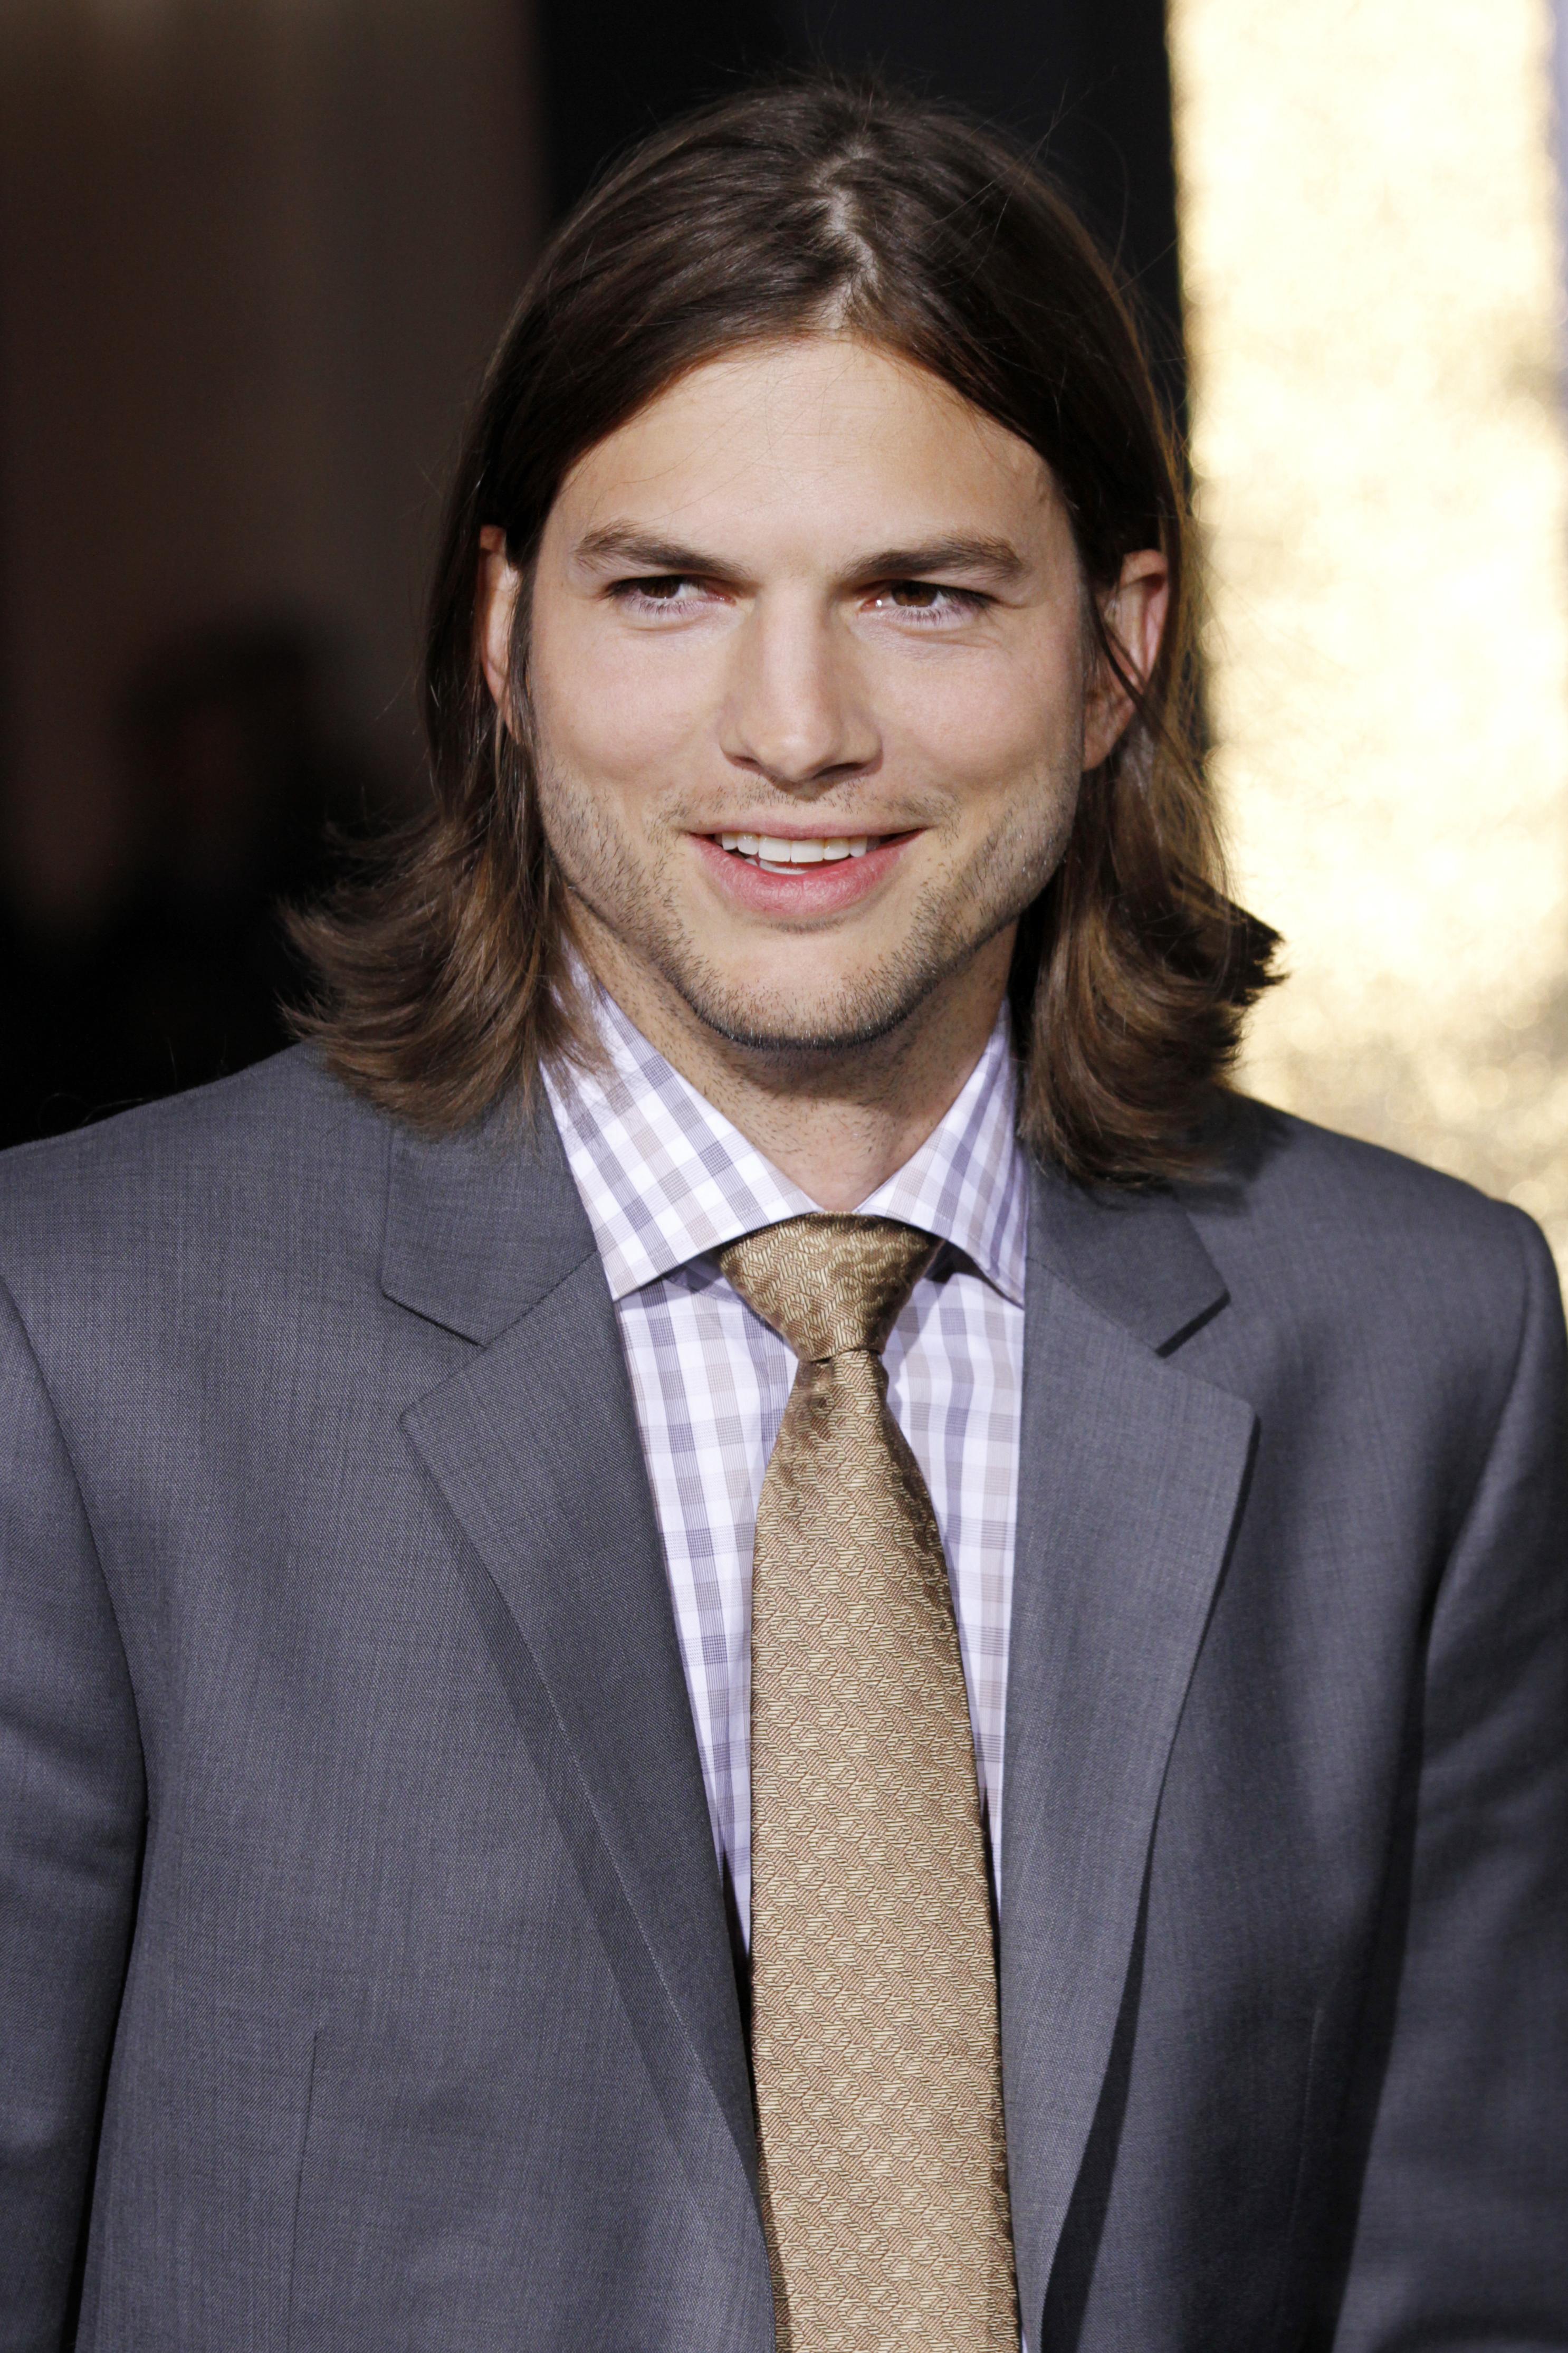 Haaren zu männer kurzen von langen Warum stehen